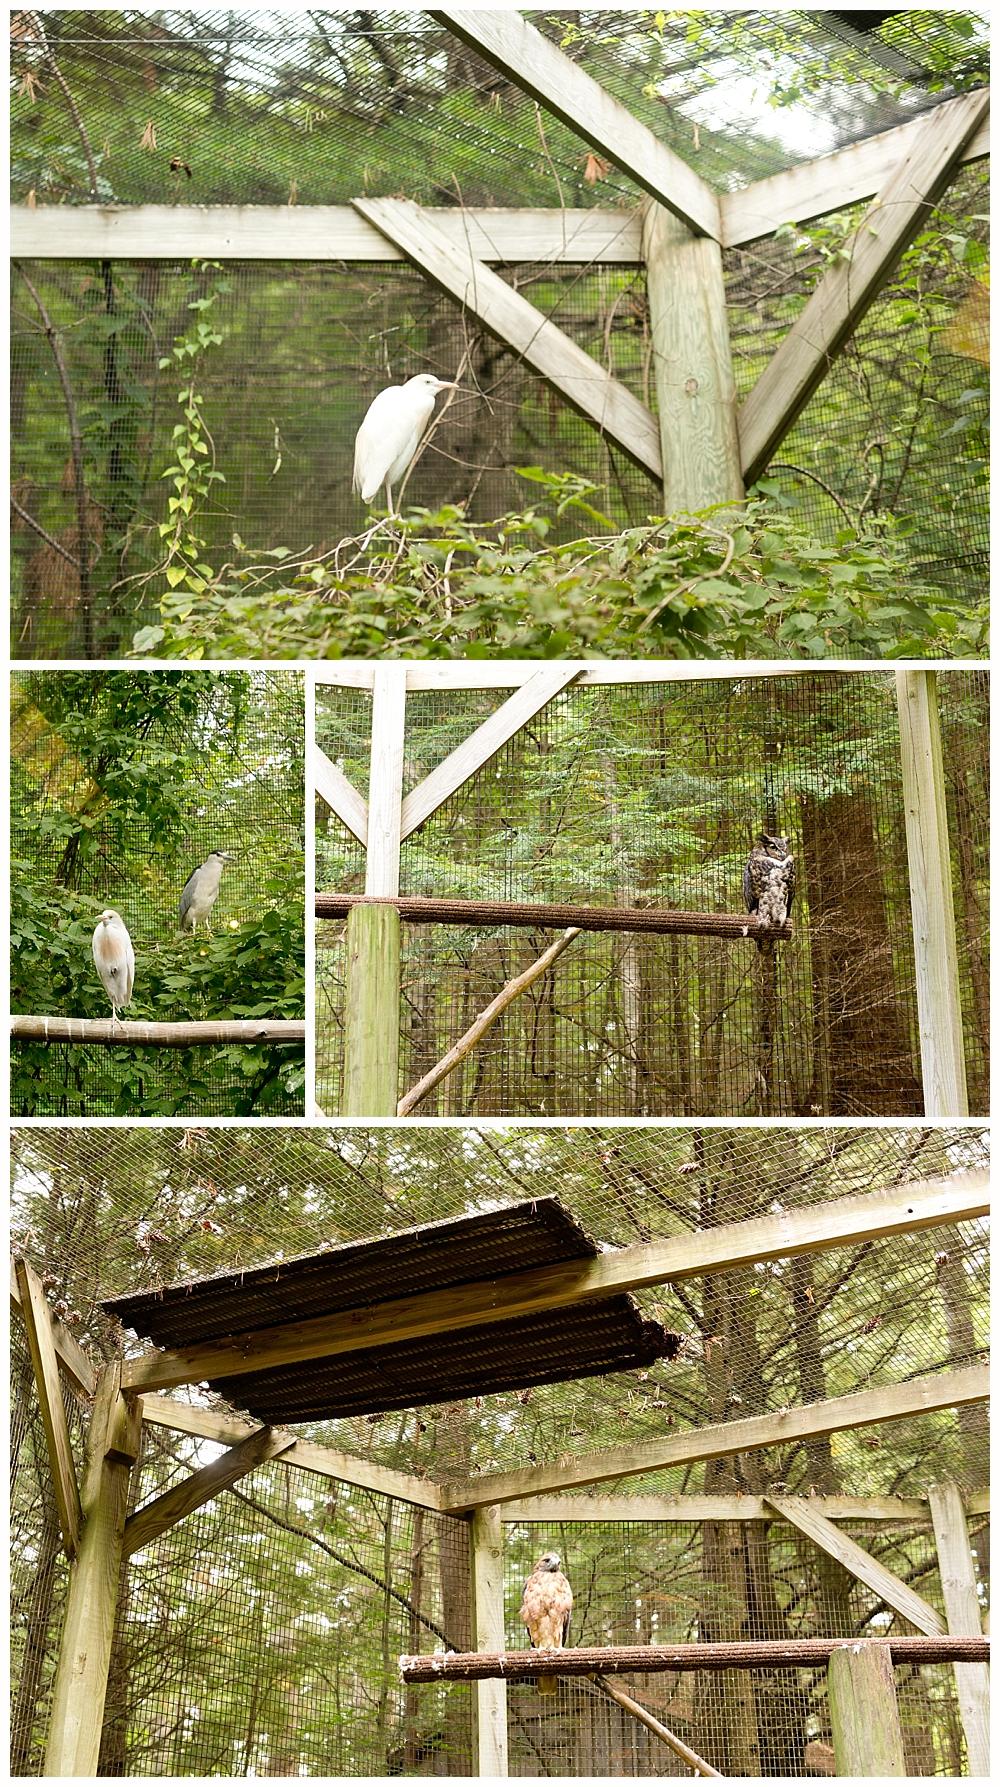 bird exhibit at Squam Lakes Natural Science Center